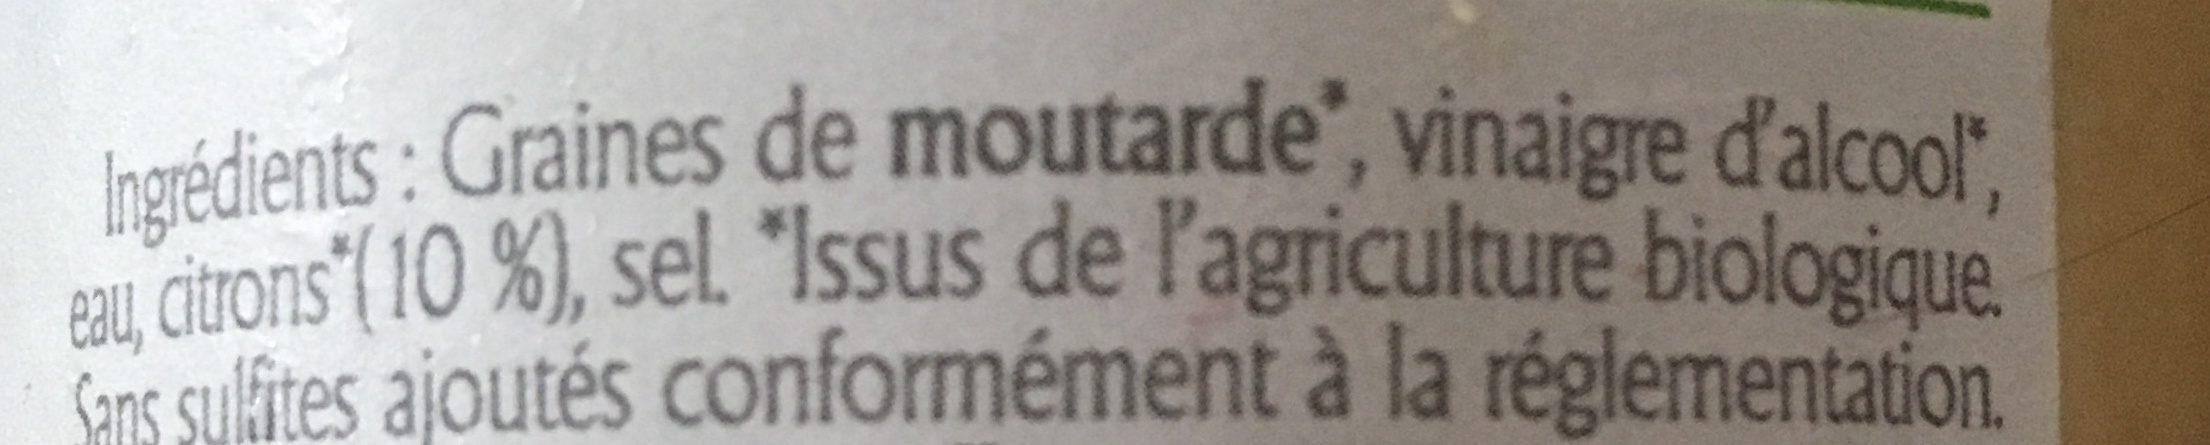 Moutarde De Dijon Au Citron - Ingrédients - fr